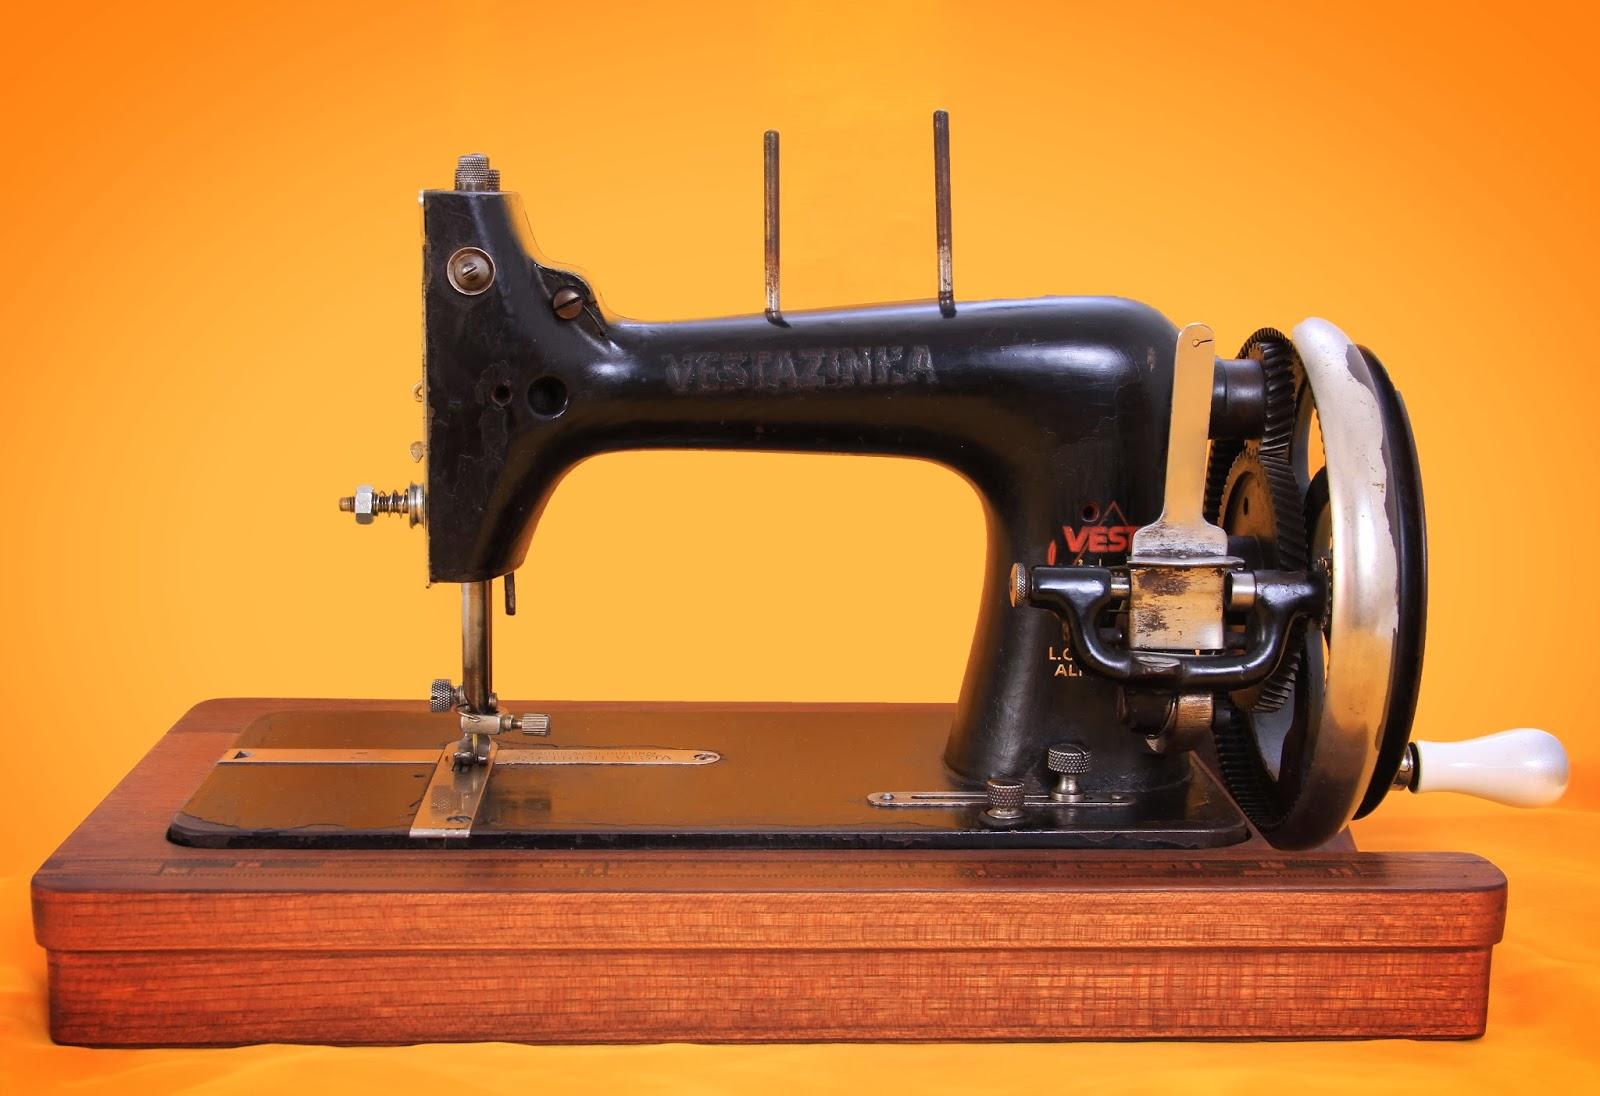 O Antiquário: Máquina manual de costurar VESTA ( Vestazinha)